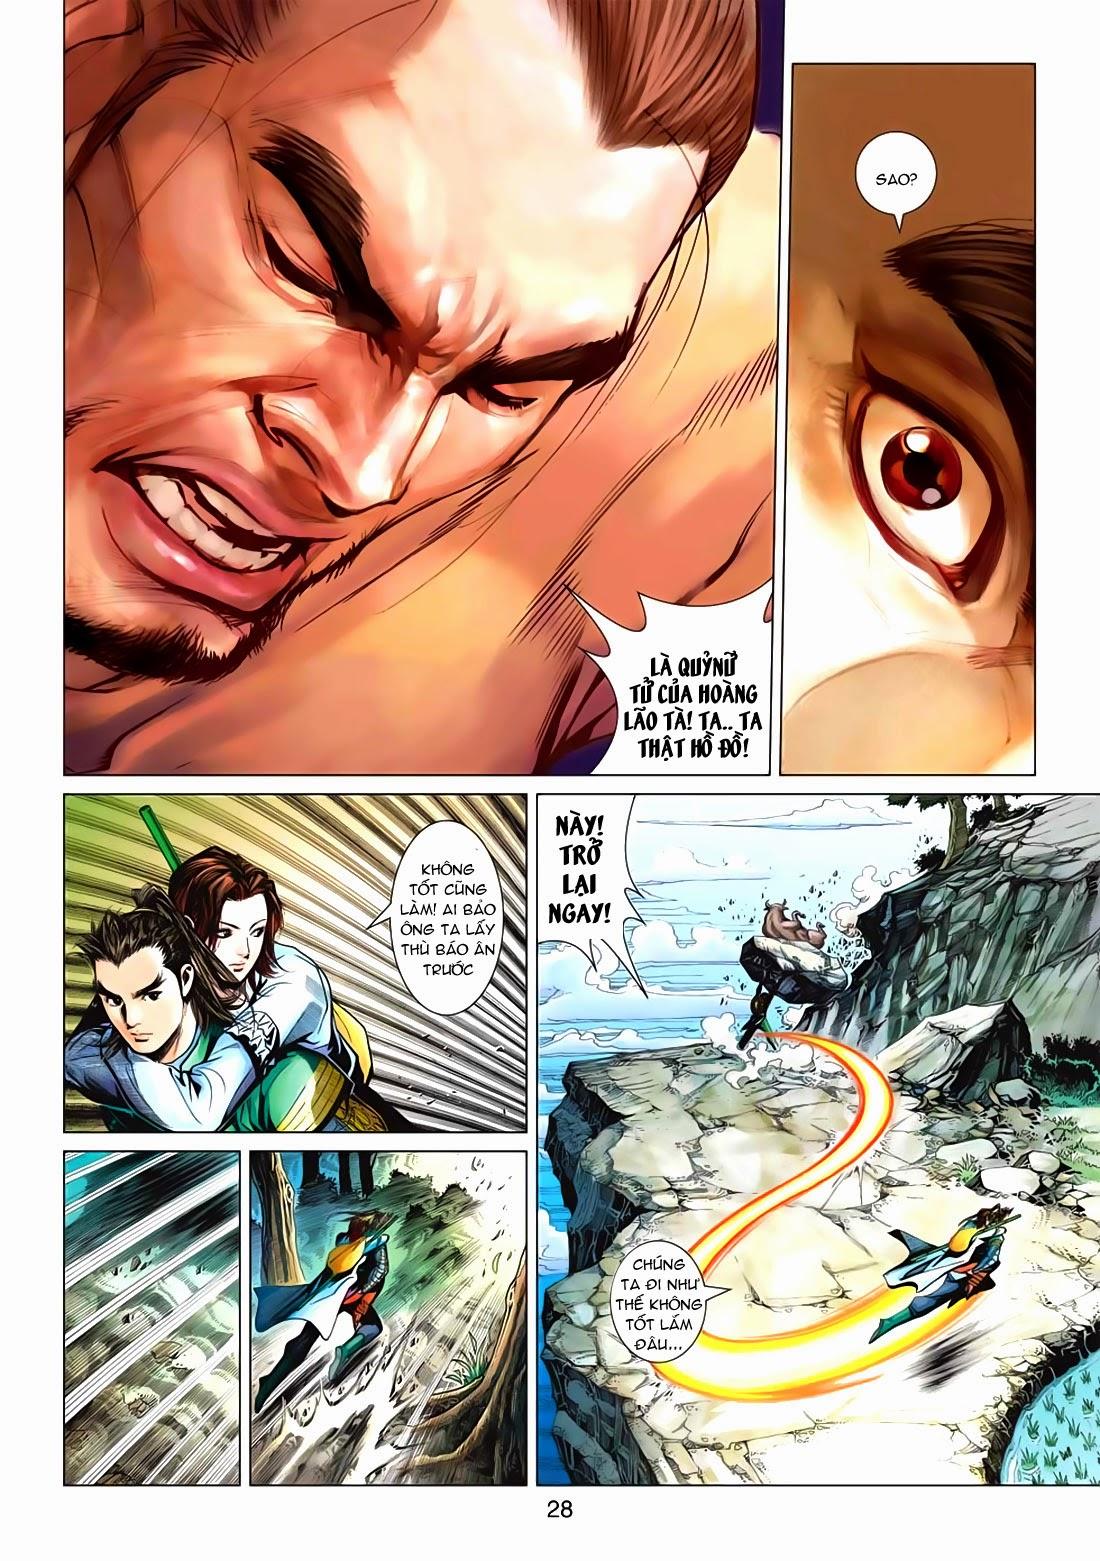 Anh Hùng Xạ Điêu anh hùng xạ đêu chap 72: ngư tiều canh độc trang 28